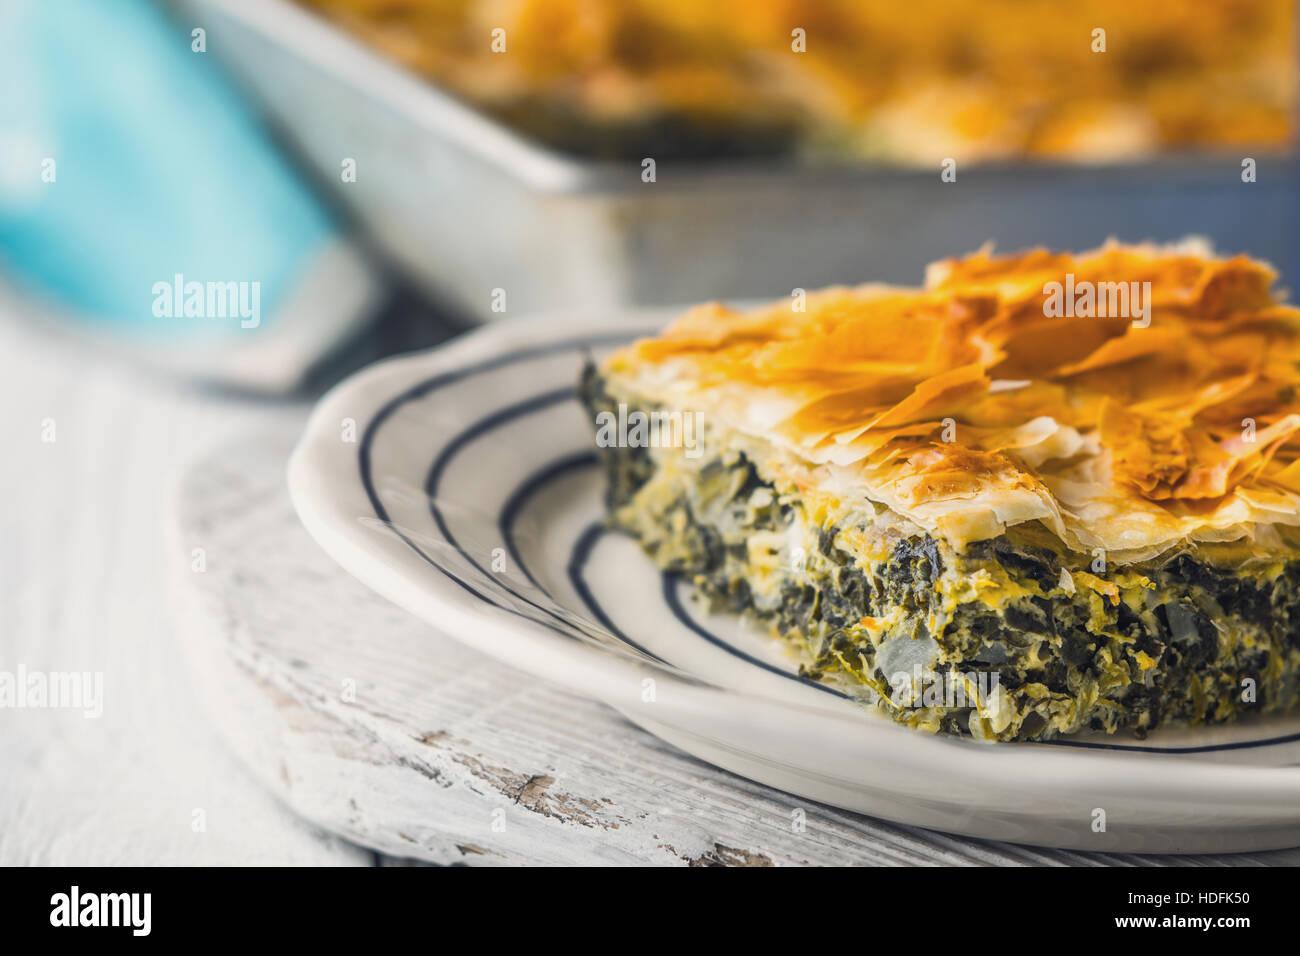 Spanakopita tarte grecque dans la plaque en céramique sur la table horizontale blanche Photo Stock